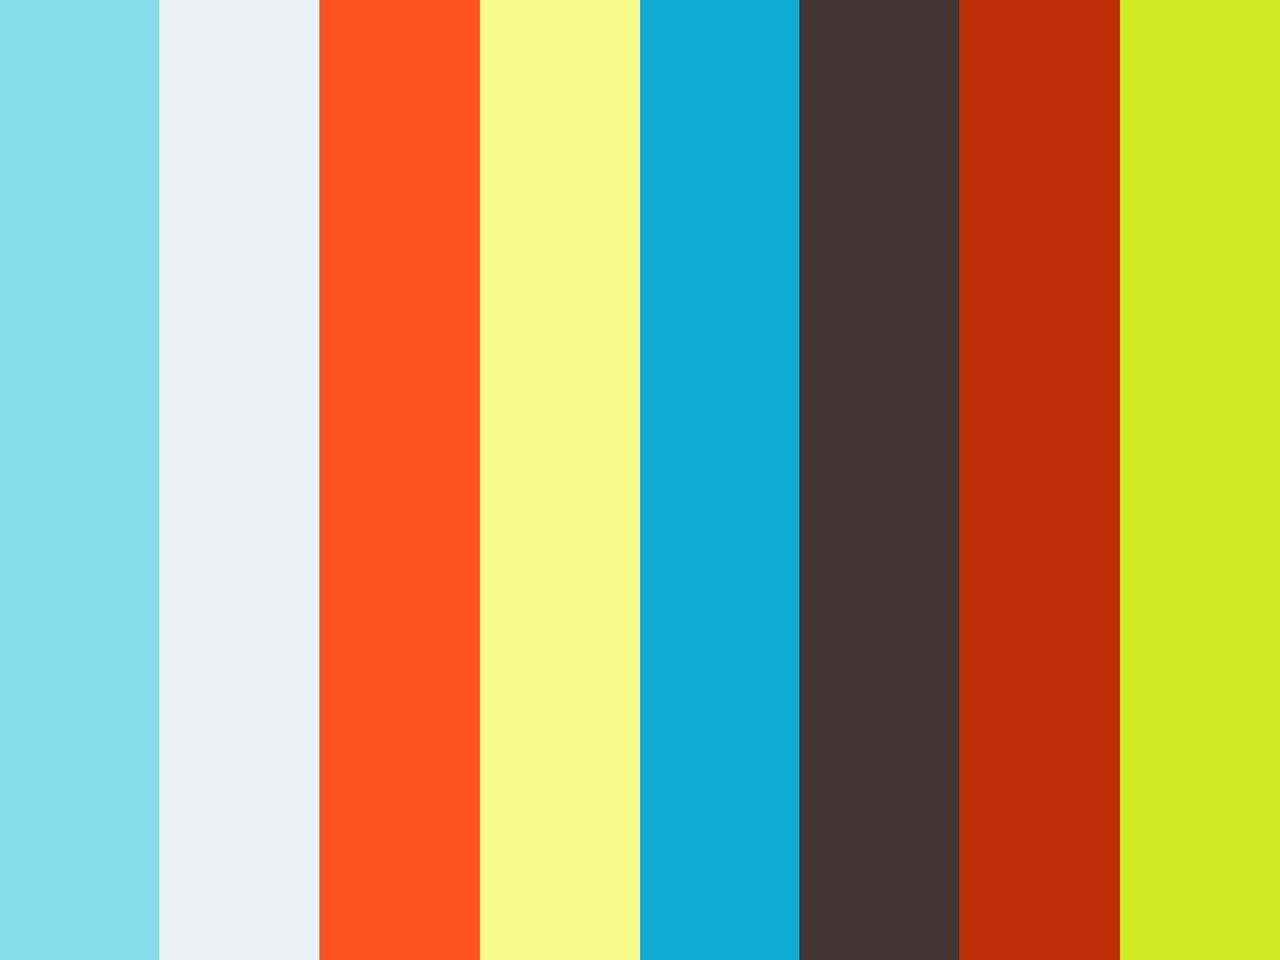 27. Sālamba Sarvāngāsana, Halāsana, Karna-Pīdāsana, Ūrdhva Padmāsana, Pindāsana, Matsyāsana & Uttāna Pād